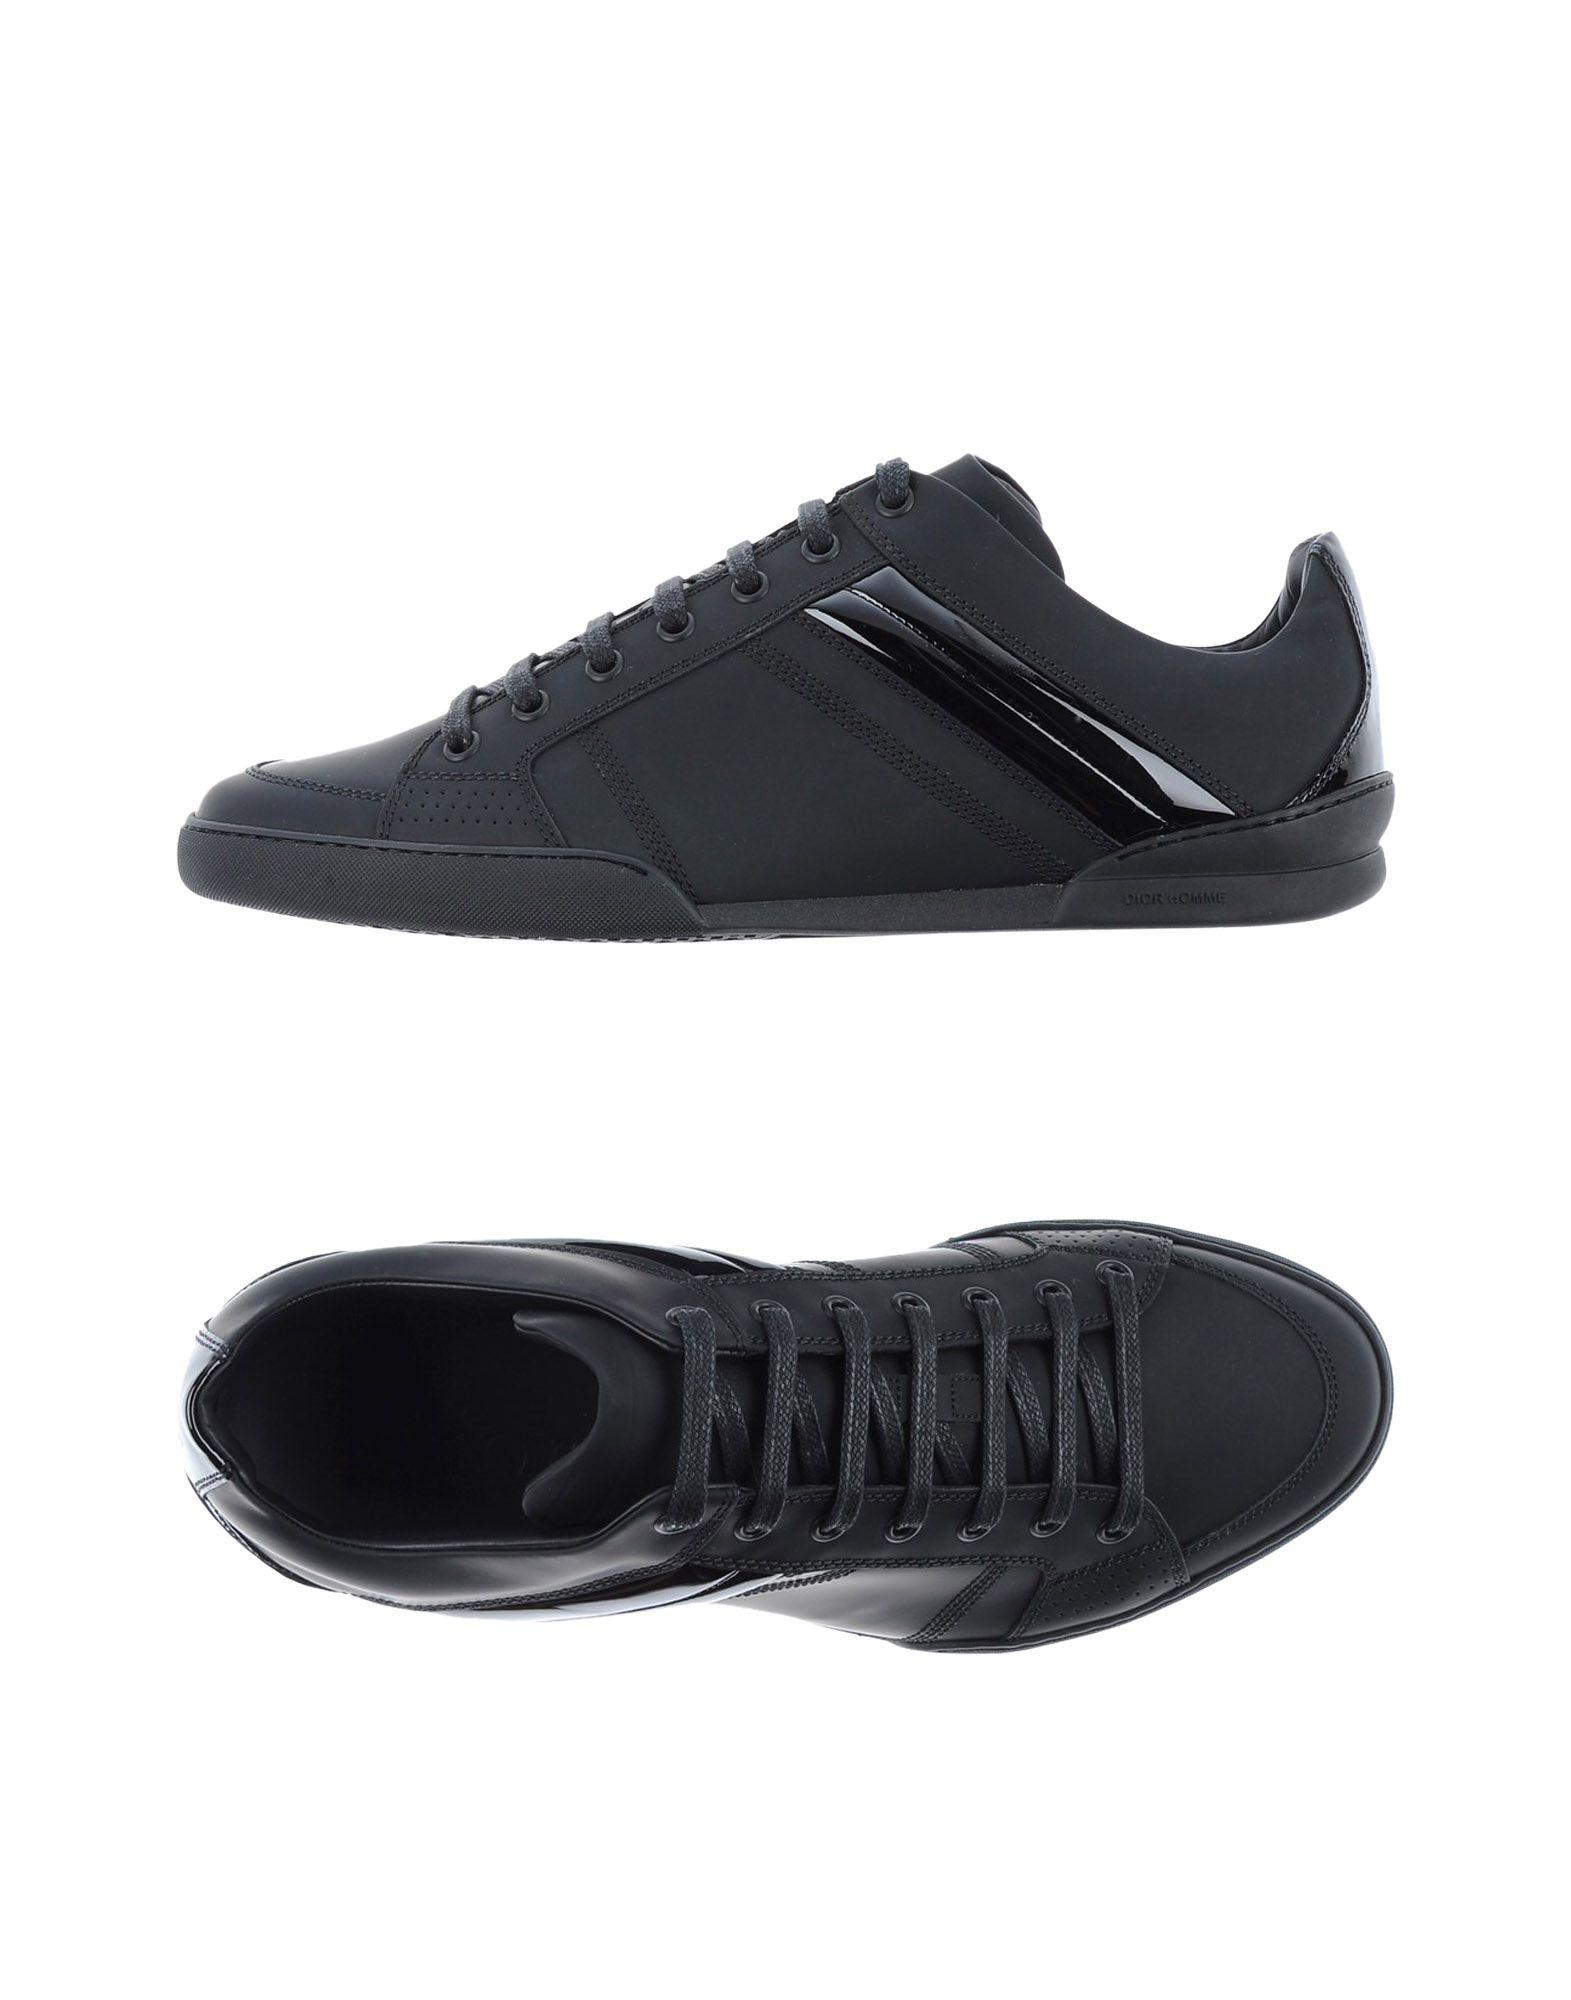 Dior Dior Dior Homme Sneakers Herren Gutes Preis-Leistungs-Verhältnis, es lohnt sich 31f34e